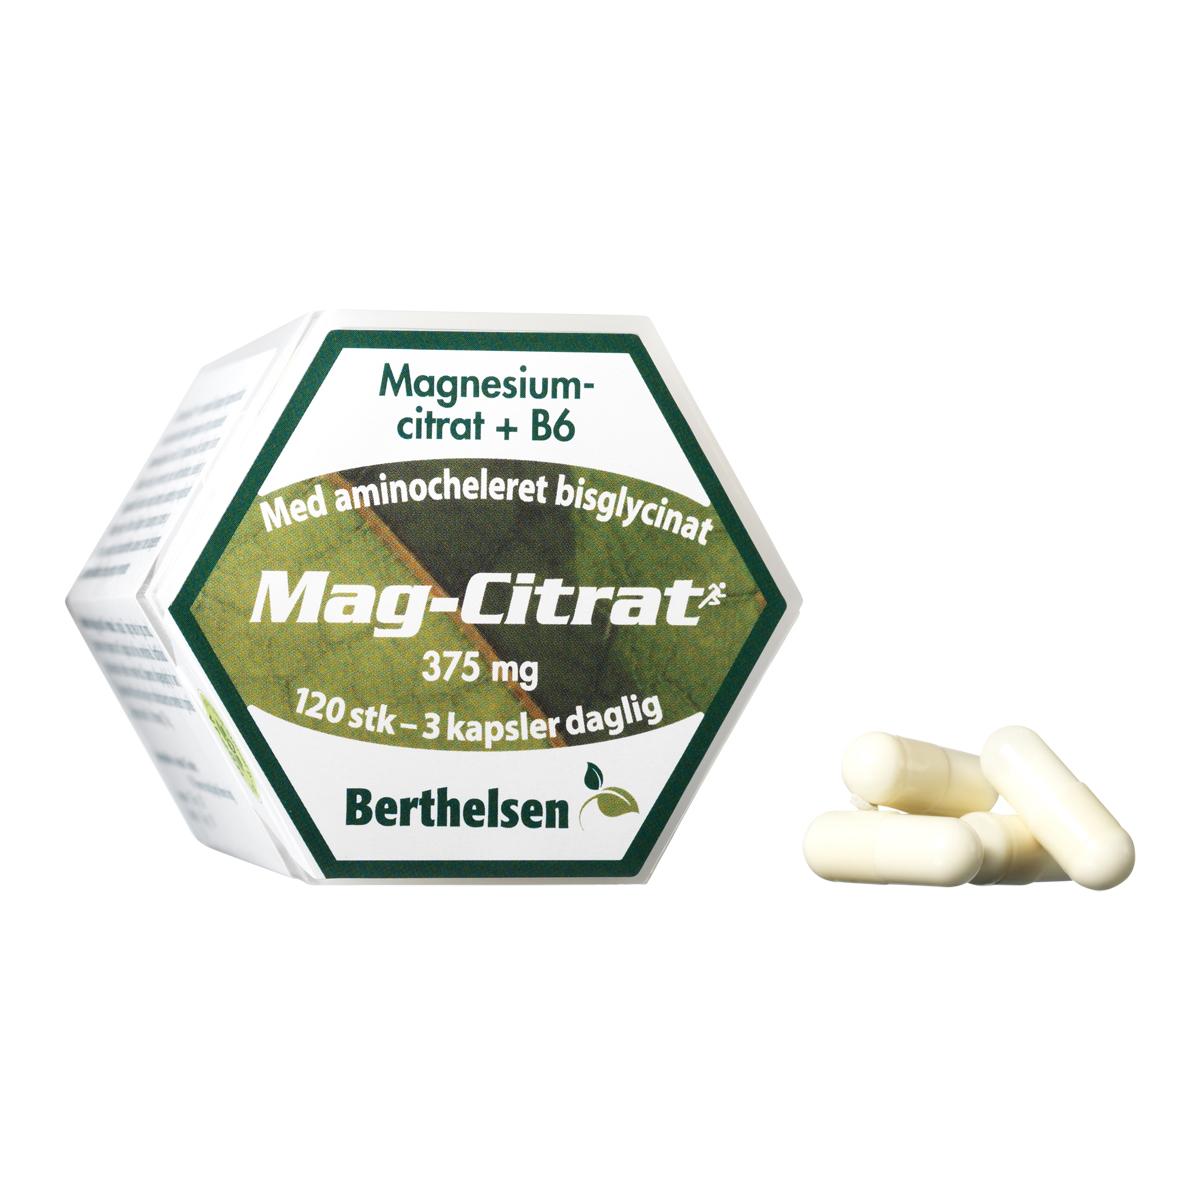 Billede af Berthelsen Magnesium-Citrat - 120 stk.